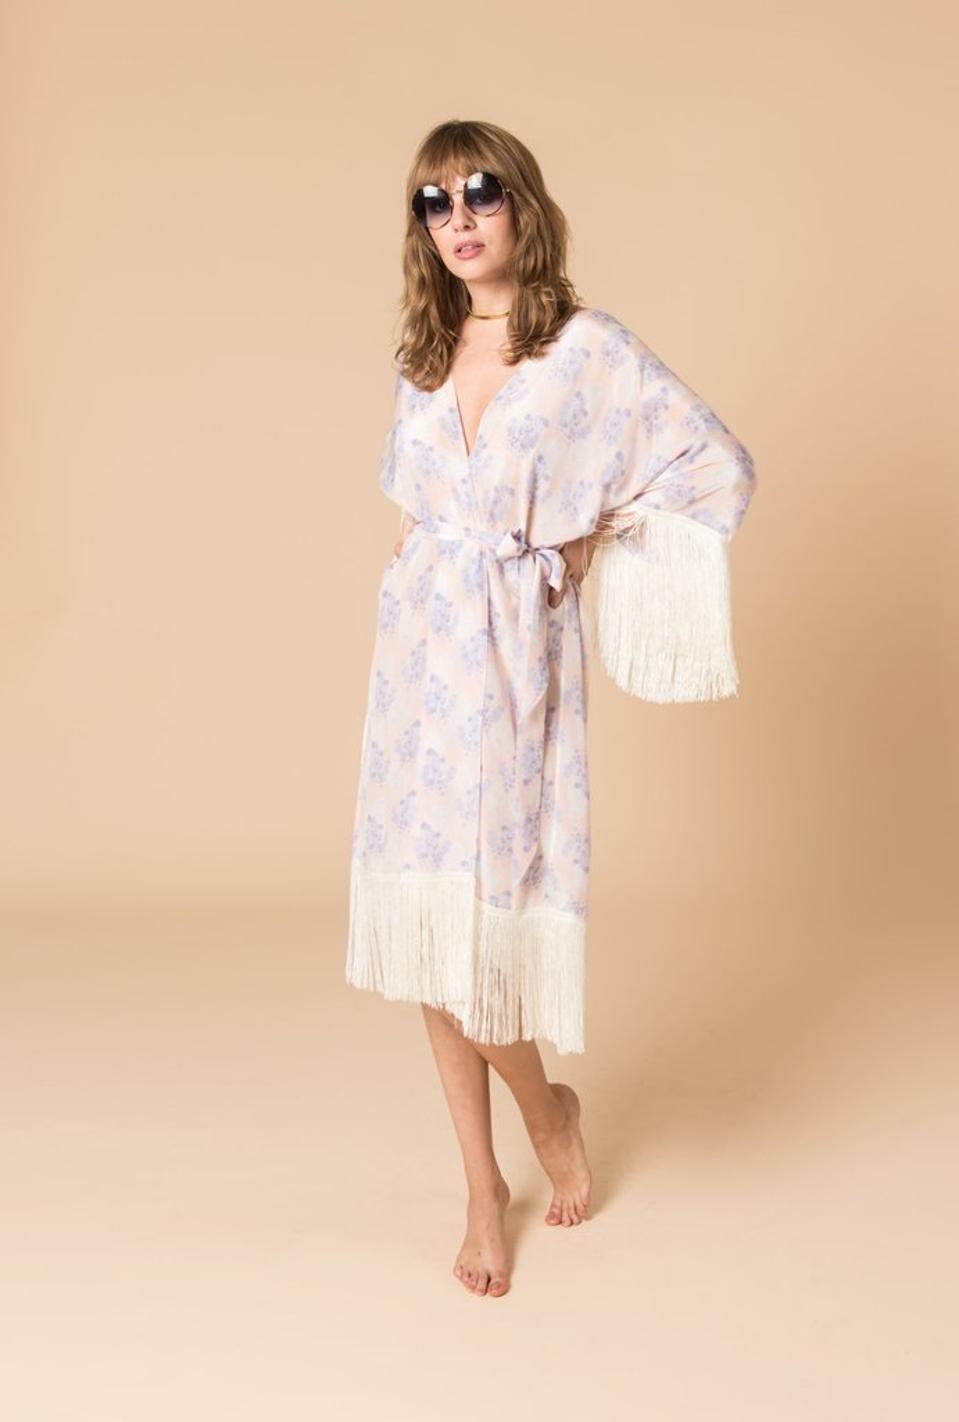 Violet's Whisper Kimono by Athena Procopiou